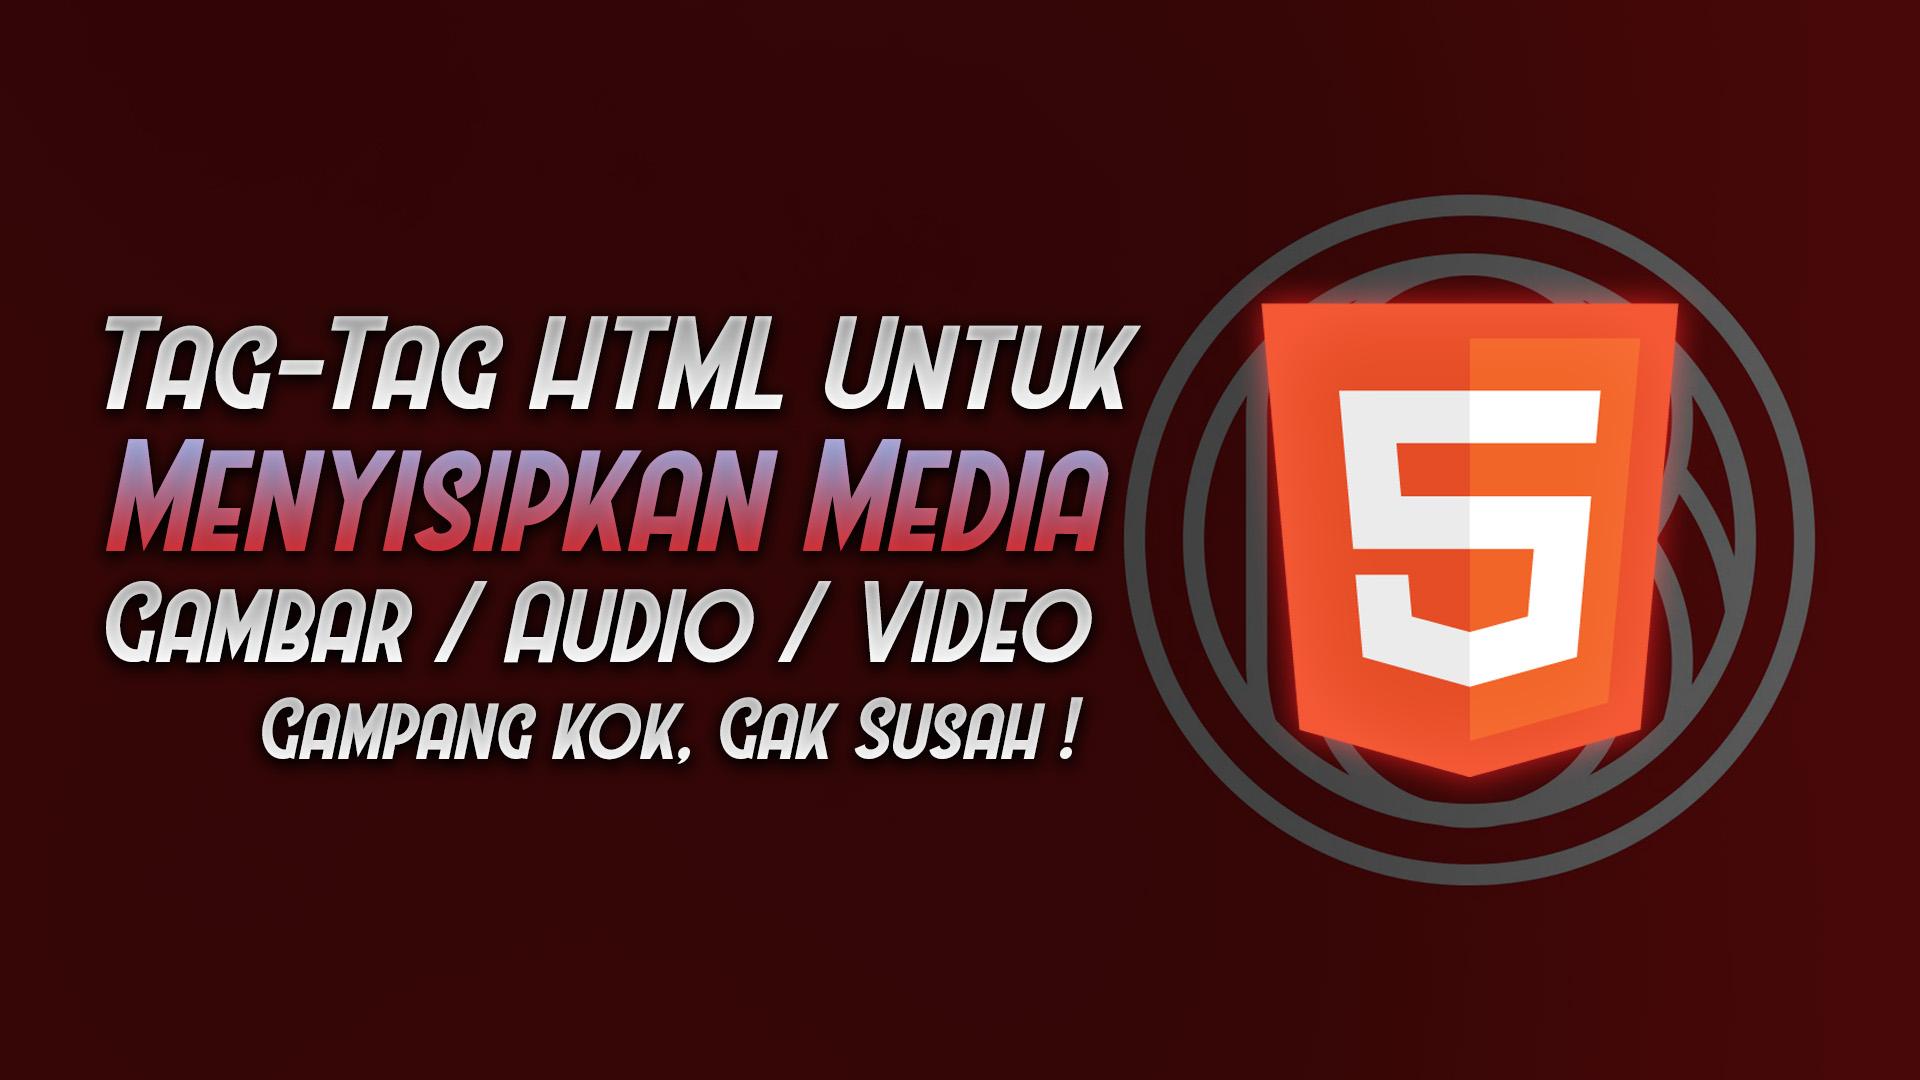 Cara Menyisipkan Media Gambar Audio Video Di Html